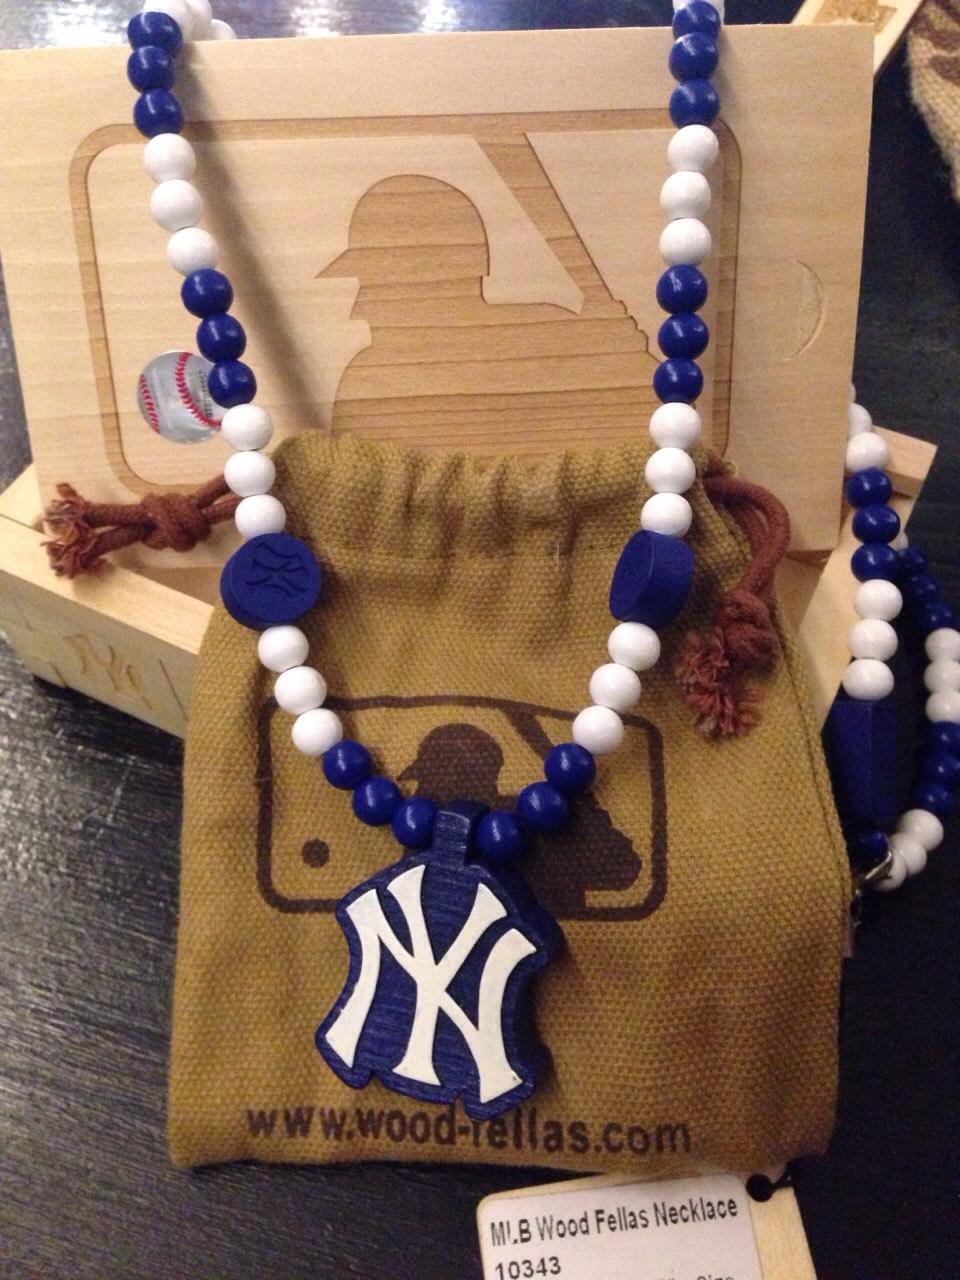 woodfellas_necklace12